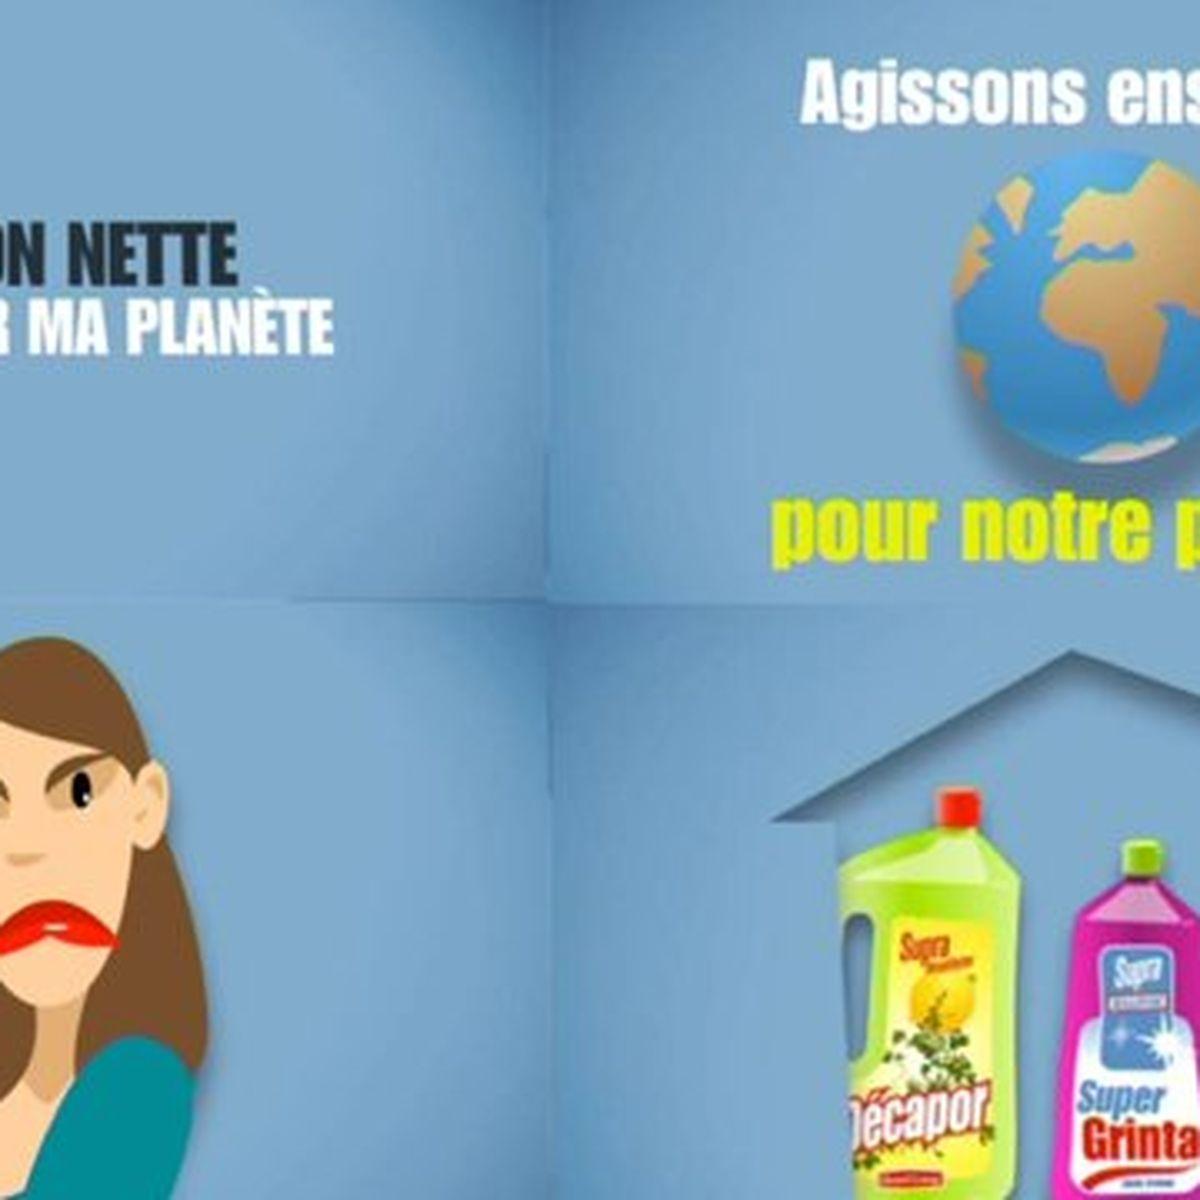 Maison Nette Sans Salir Ma Planete